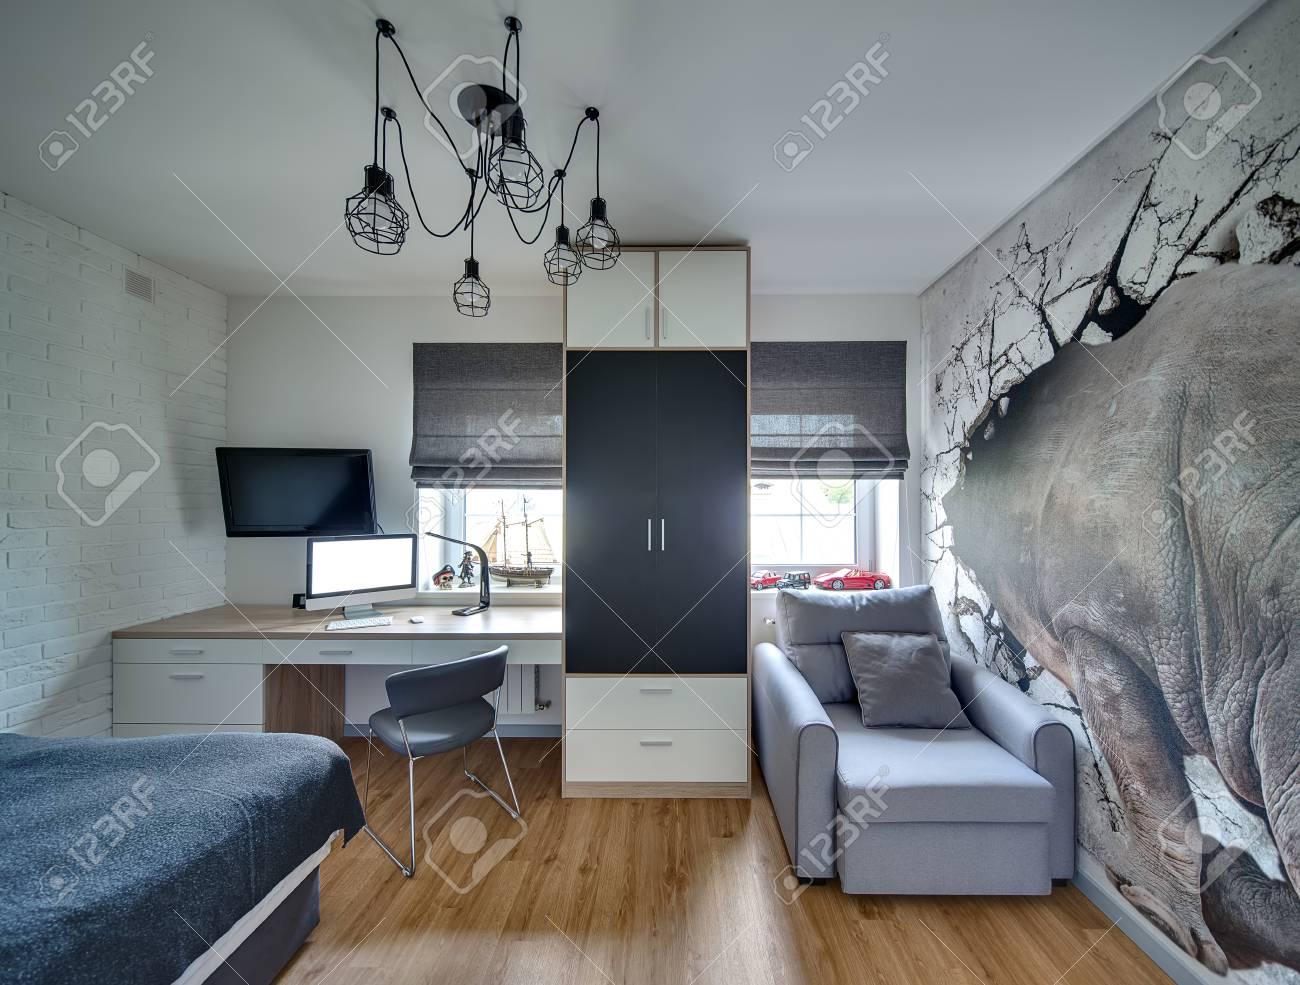 Fußboden Schlafzimmer Xl ~ Boden schlafzimmer kostenlose bild zimmer innen zuhause boden dekor